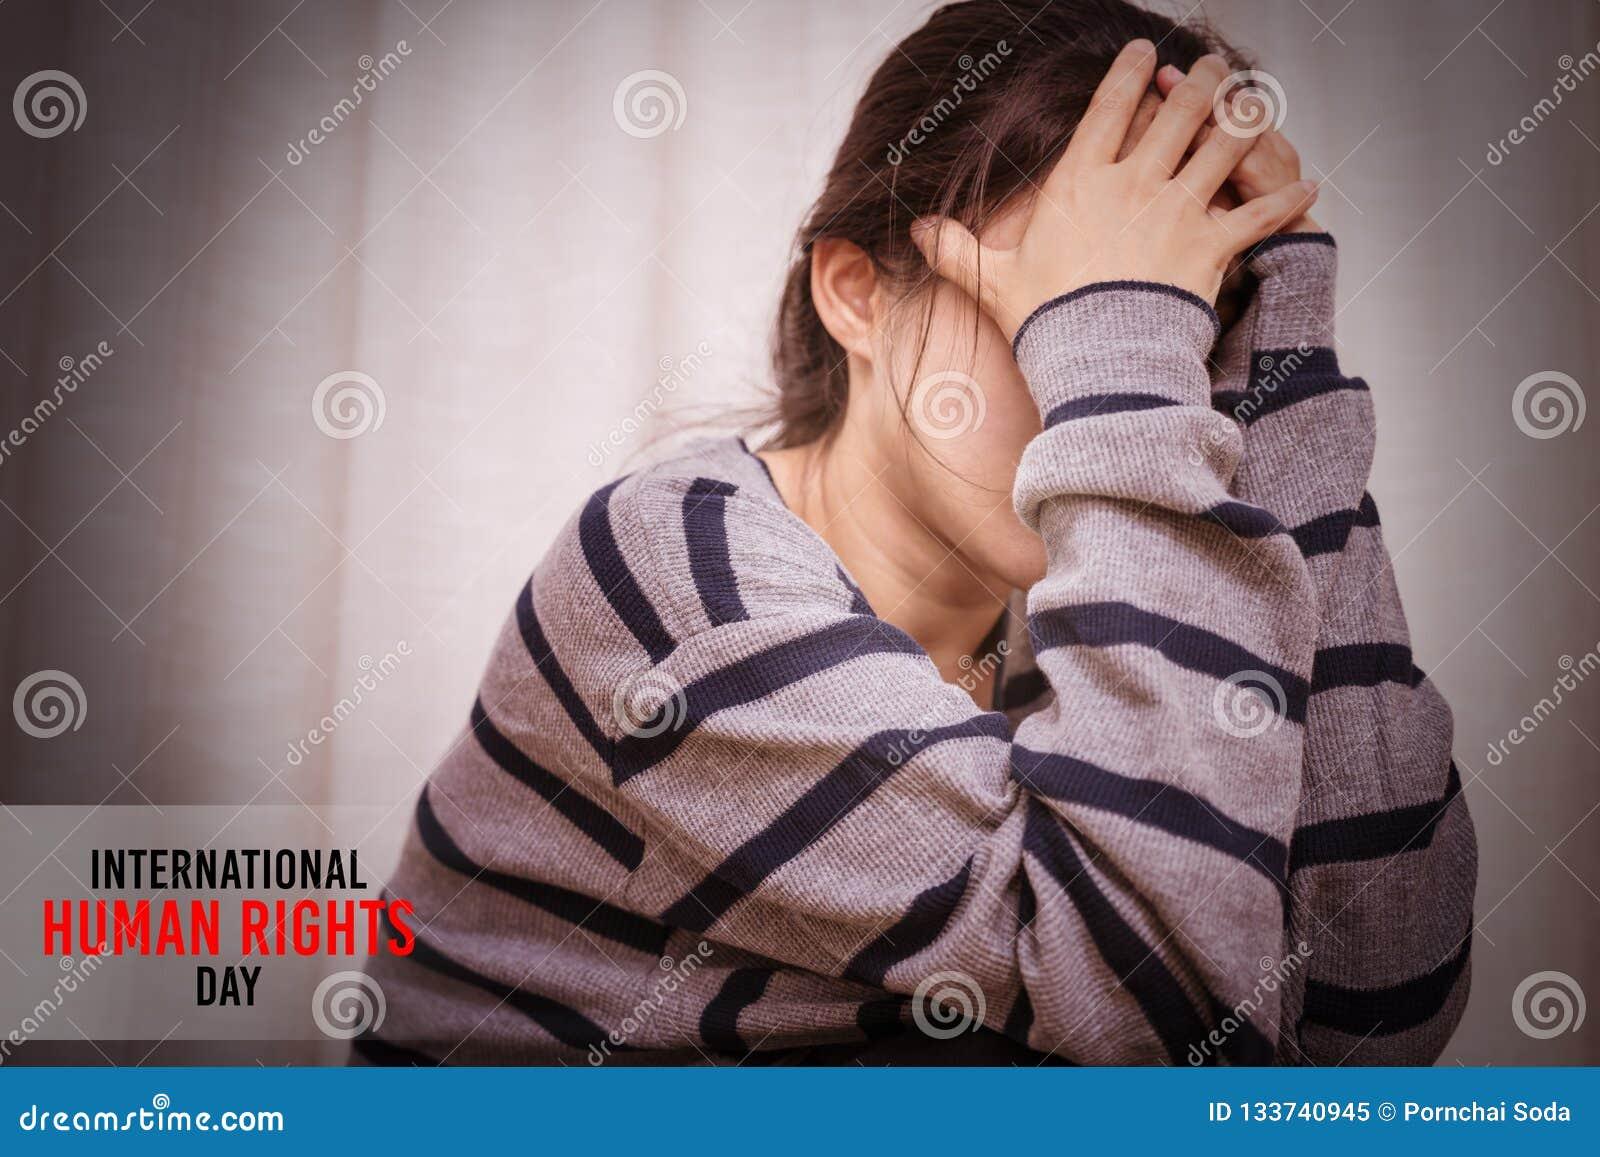 国际国际人权日概念,坐在暗室的沮丧的妇女,单独,悲伤,情感概念